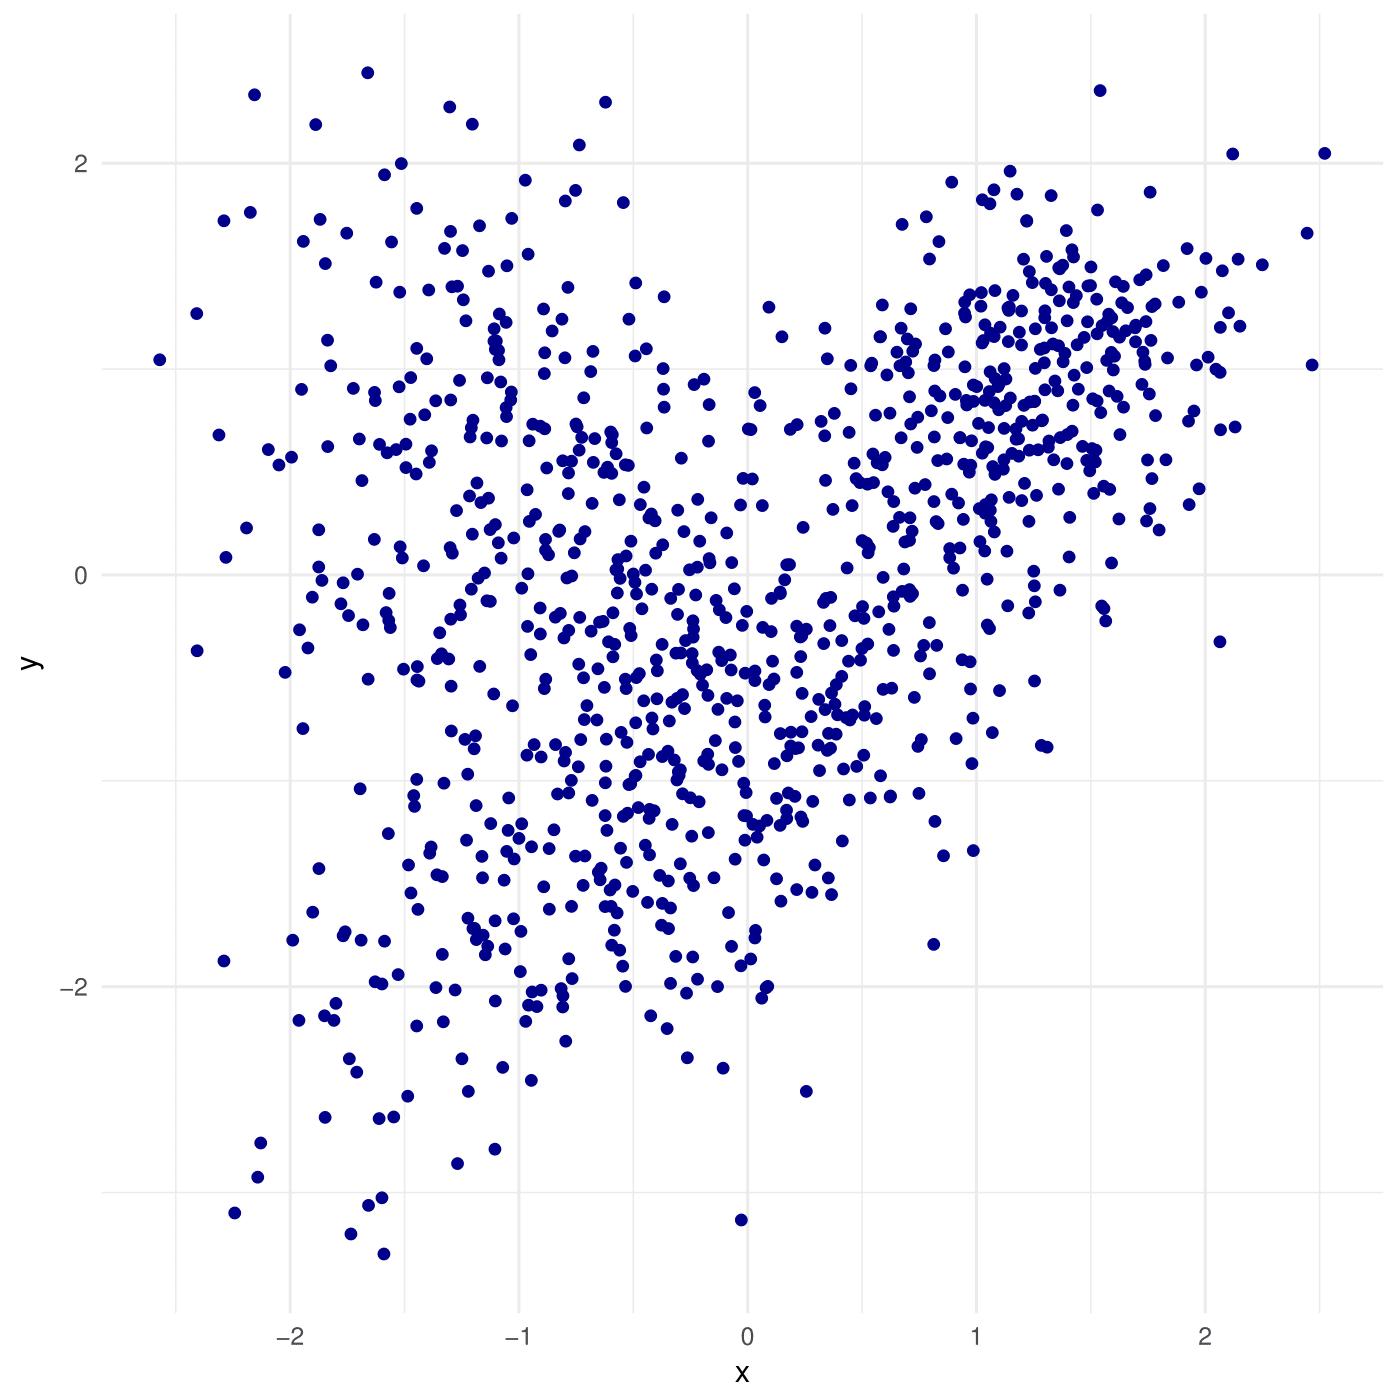 gradientgmm: Fast Gaussian Mixtures in Scala   Codementor